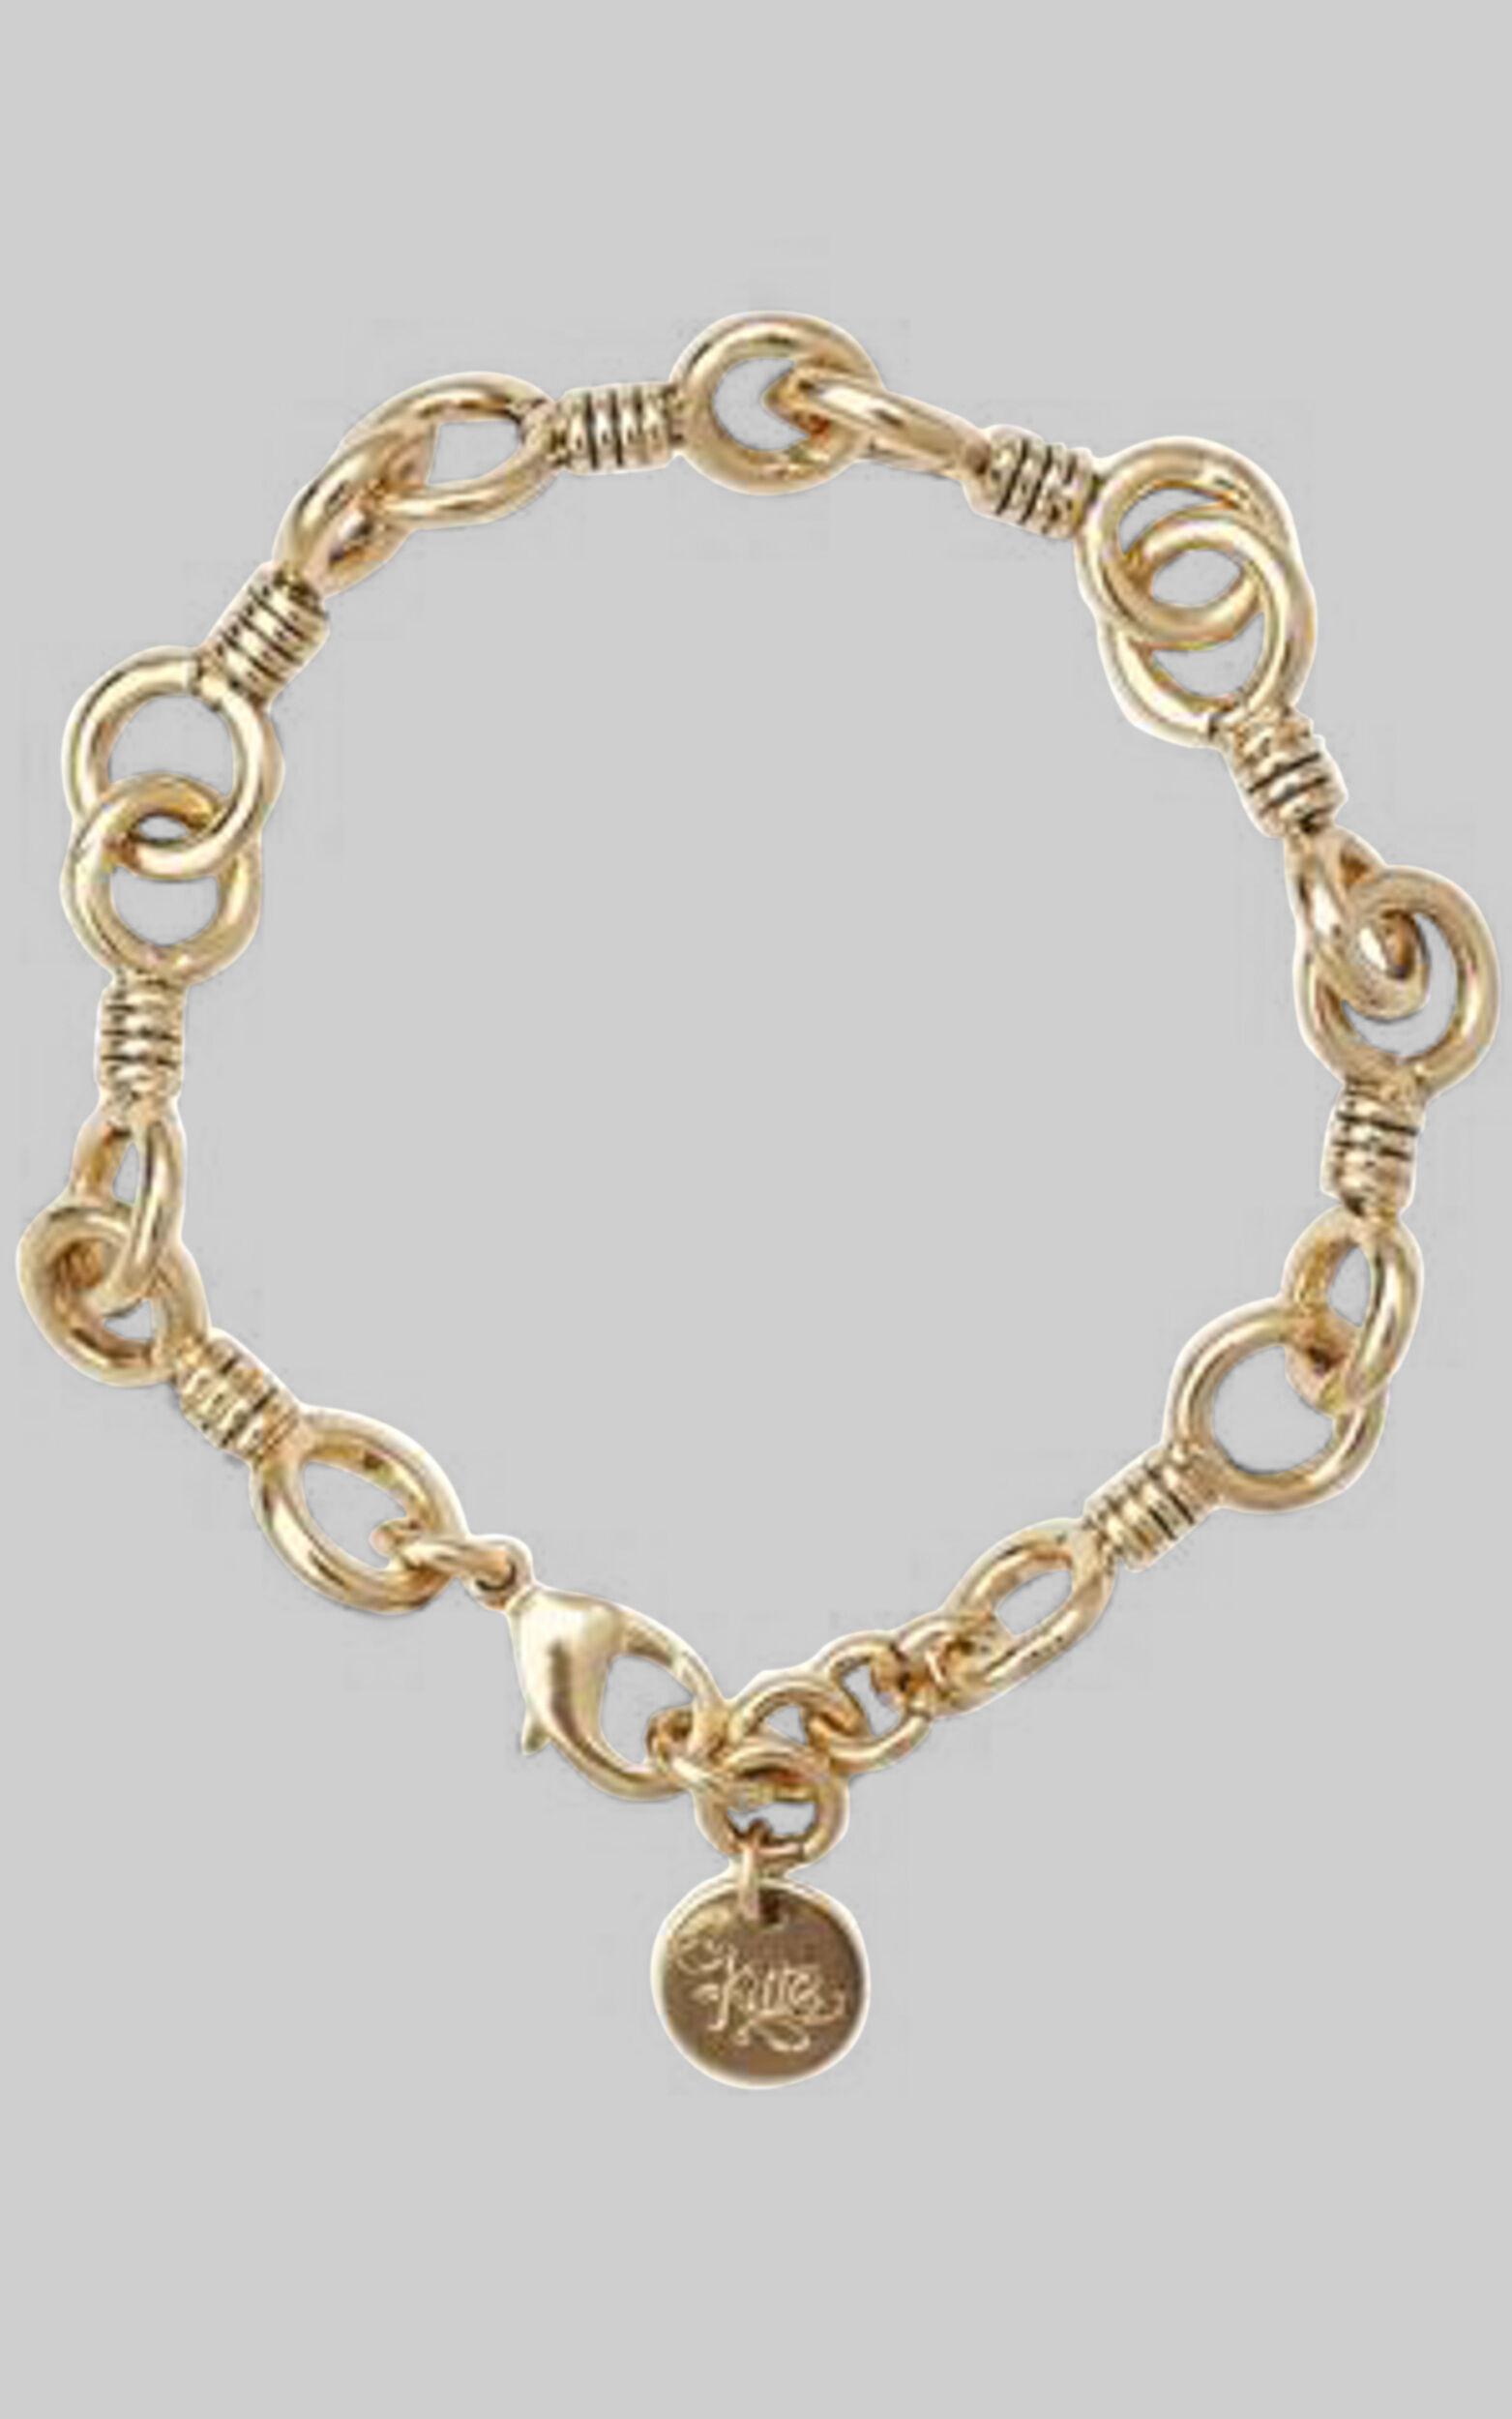 KITTE - Magik Bracelet in Gold - NoSize, GLD1, super-hi-res image number null